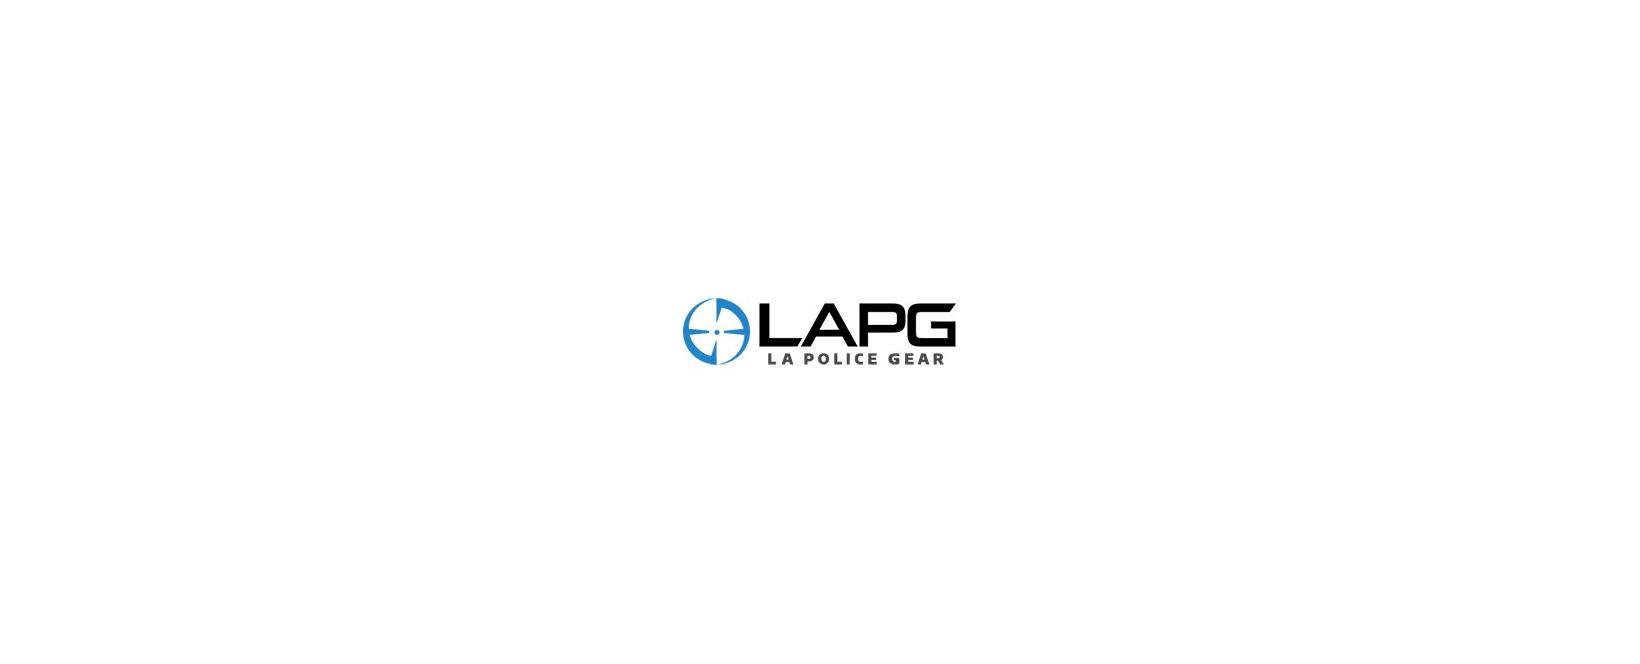 LA Police Gear Coupon Code 2021